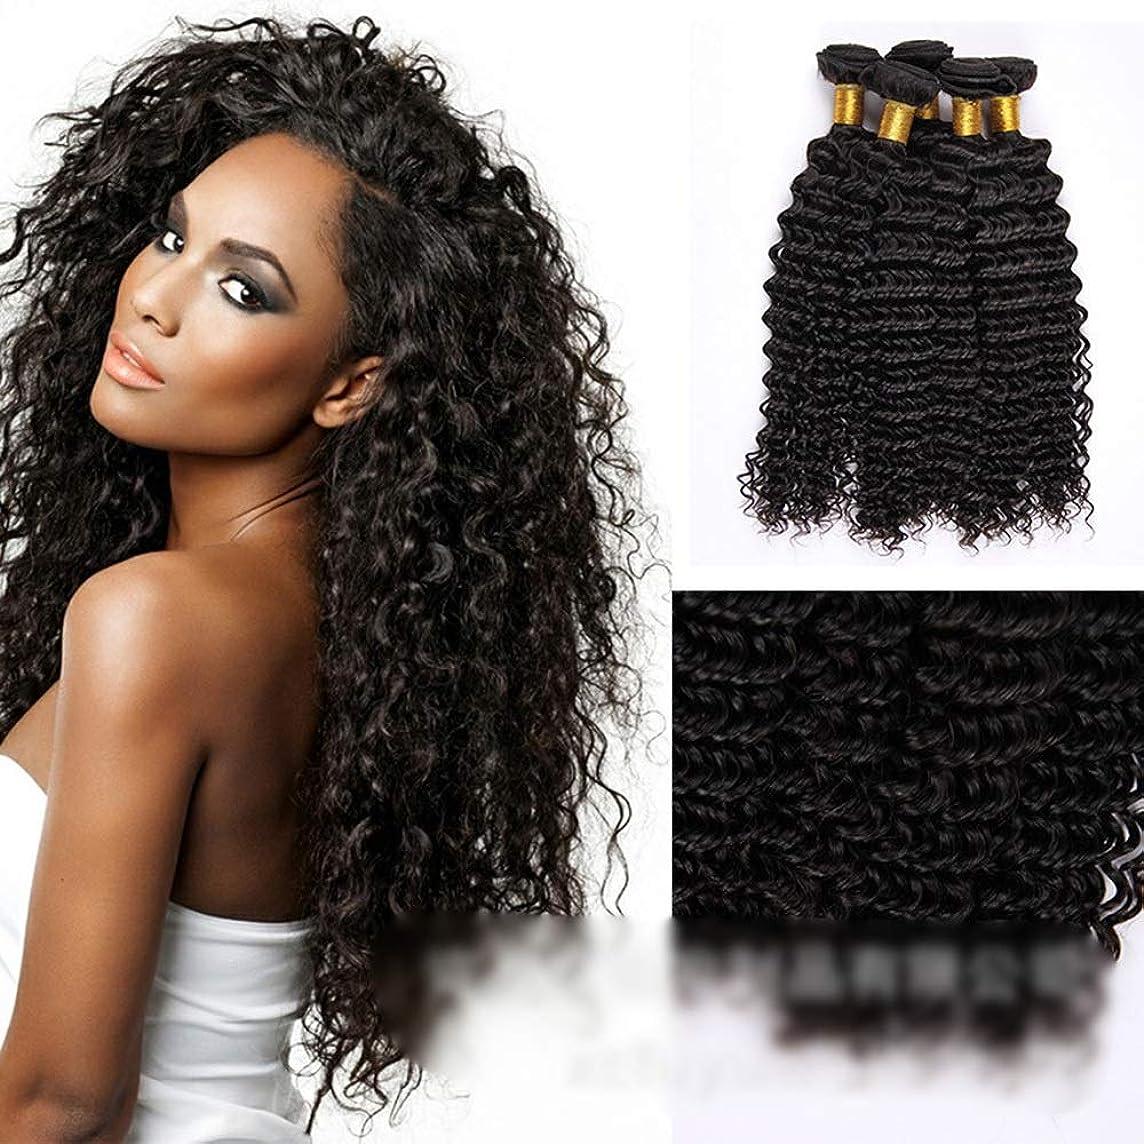 ラグレビュー確保するIsikawan 髪織りナチュラルブラックカラーヘアエクステンション(1バンドル、10